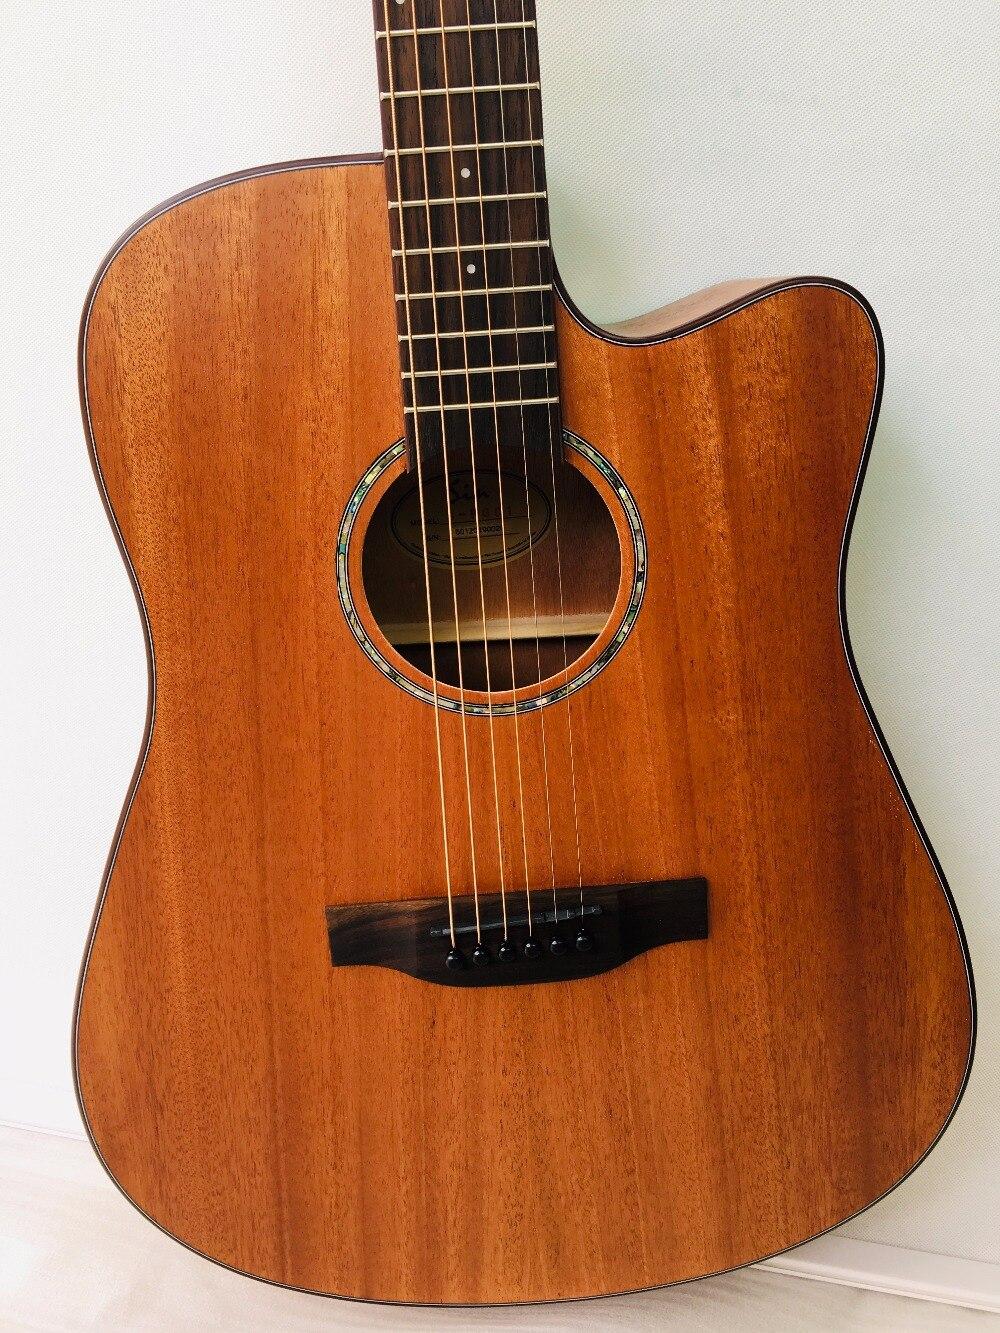 41 pouces guitare acoustique débutant pratique guitare Folk 6 cordes acajou Instrument de musique pour étudiant amoureux cadeau - 2